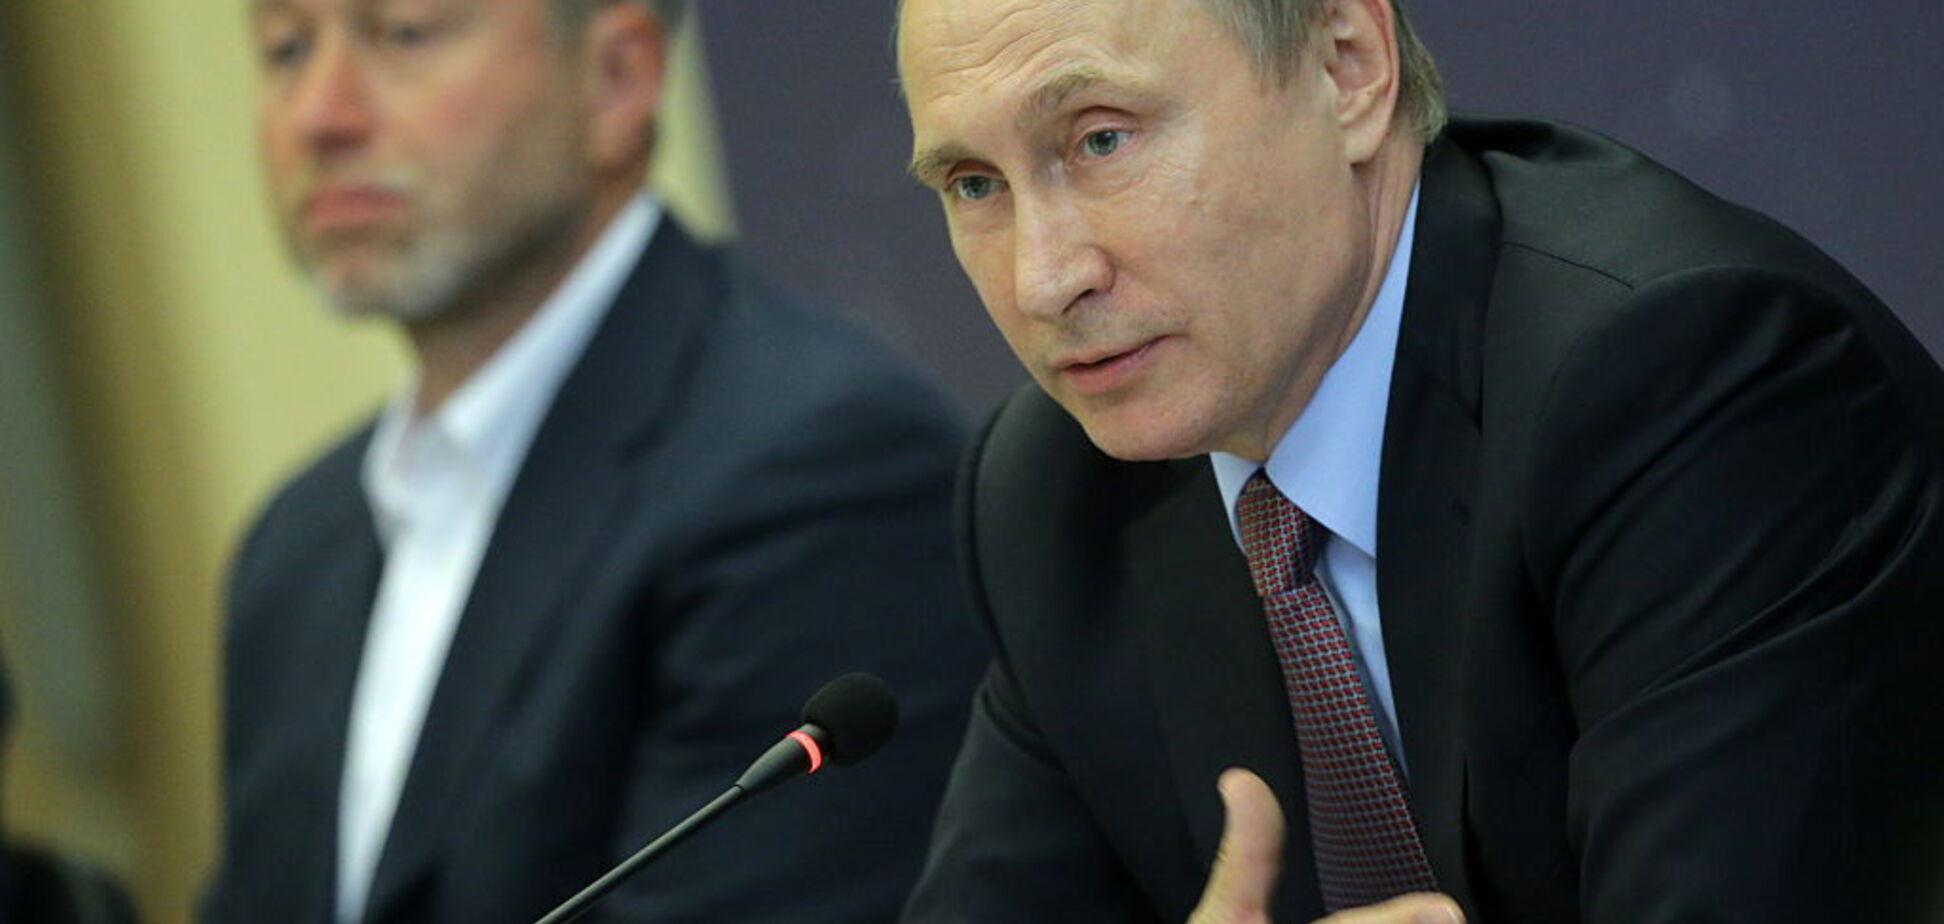 Никакой Чубайс и Абрамович дружить с Путиным больше не могут